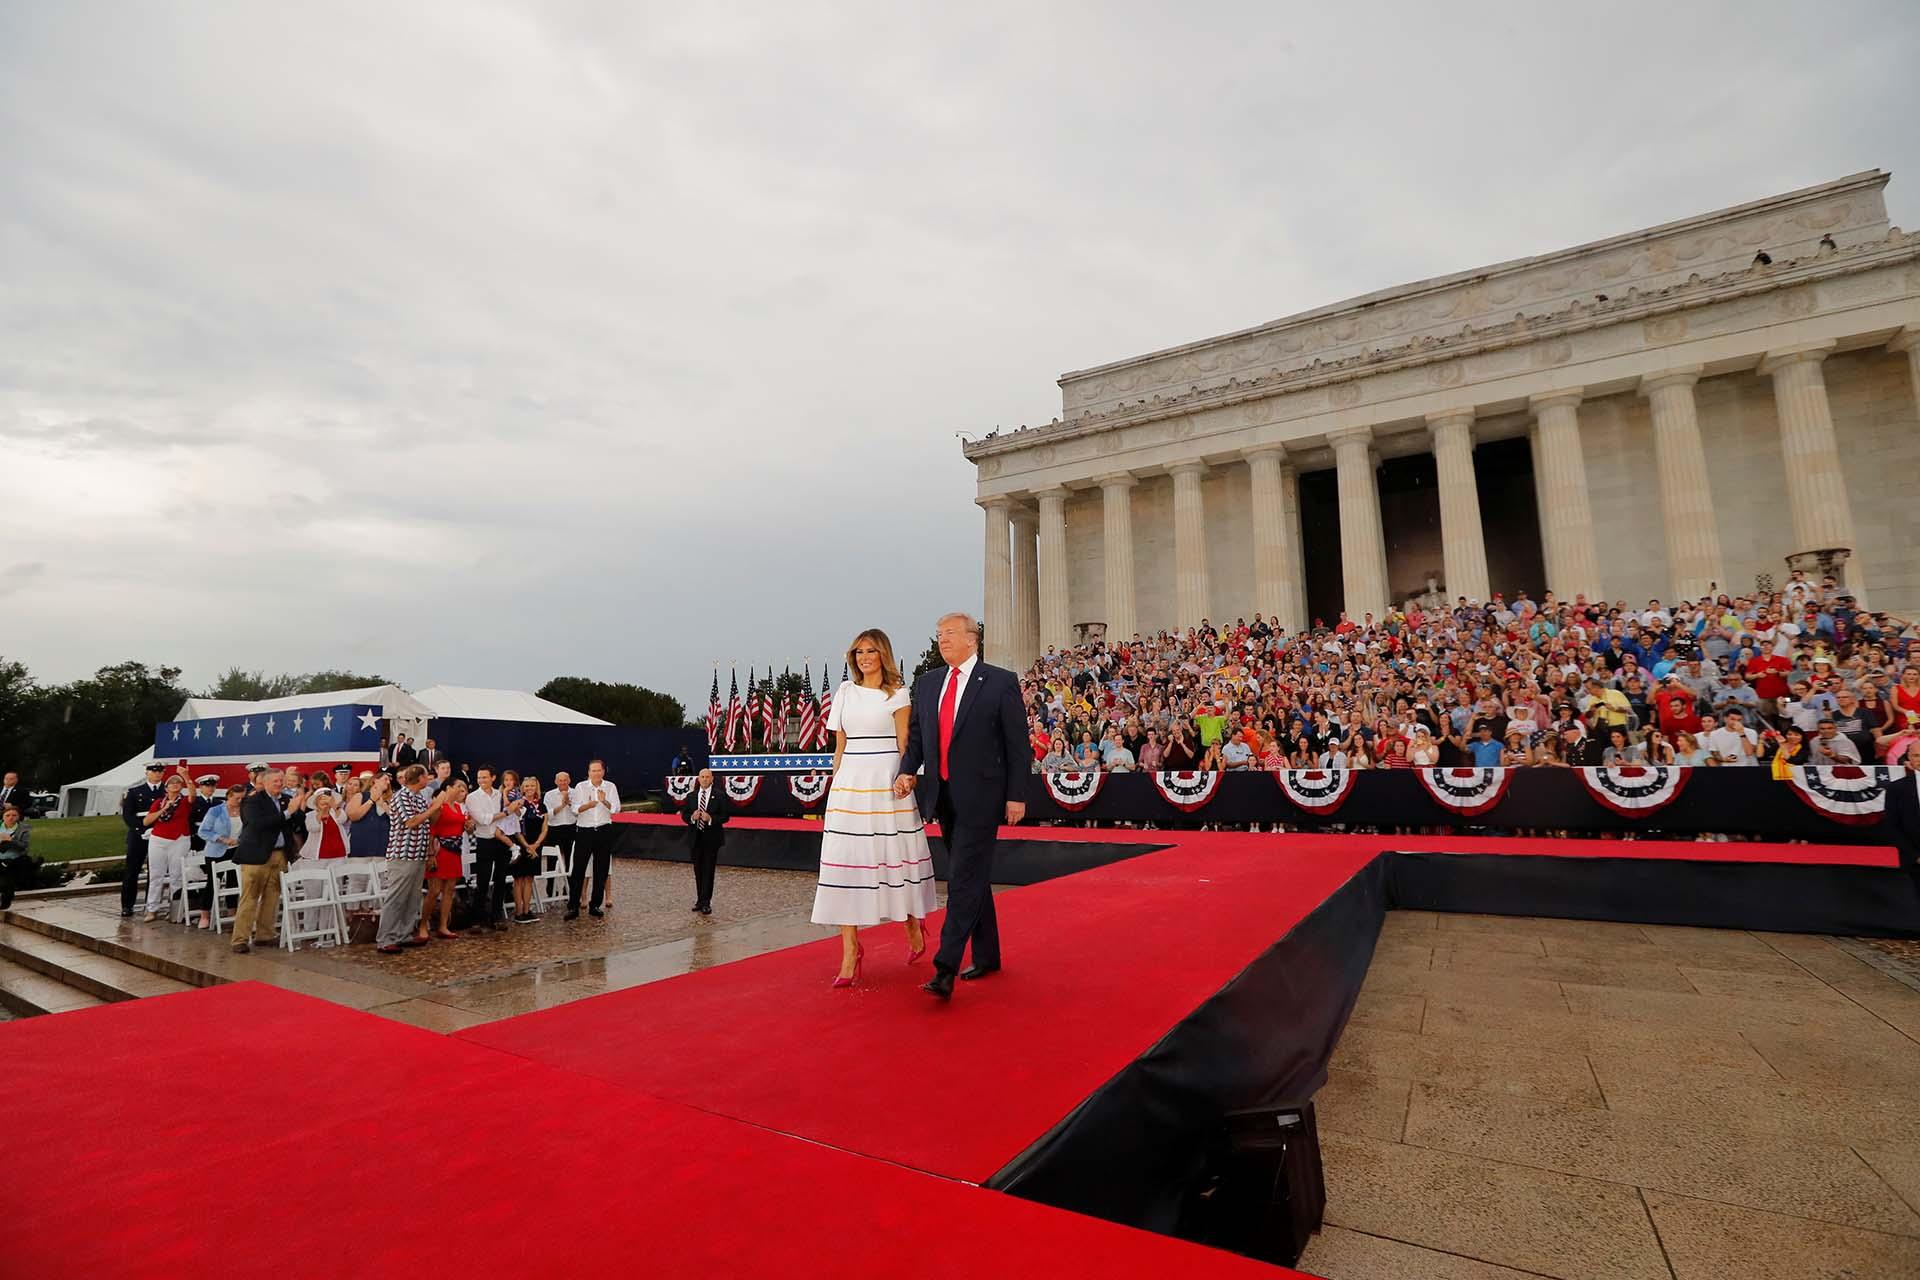 La llegada del presidente Donald Trump y la primera dama Melania Trump al acto por el Día de la Independencia de EEUU que este año se celebró en el Monumento de Lincoln en Washington D.C.